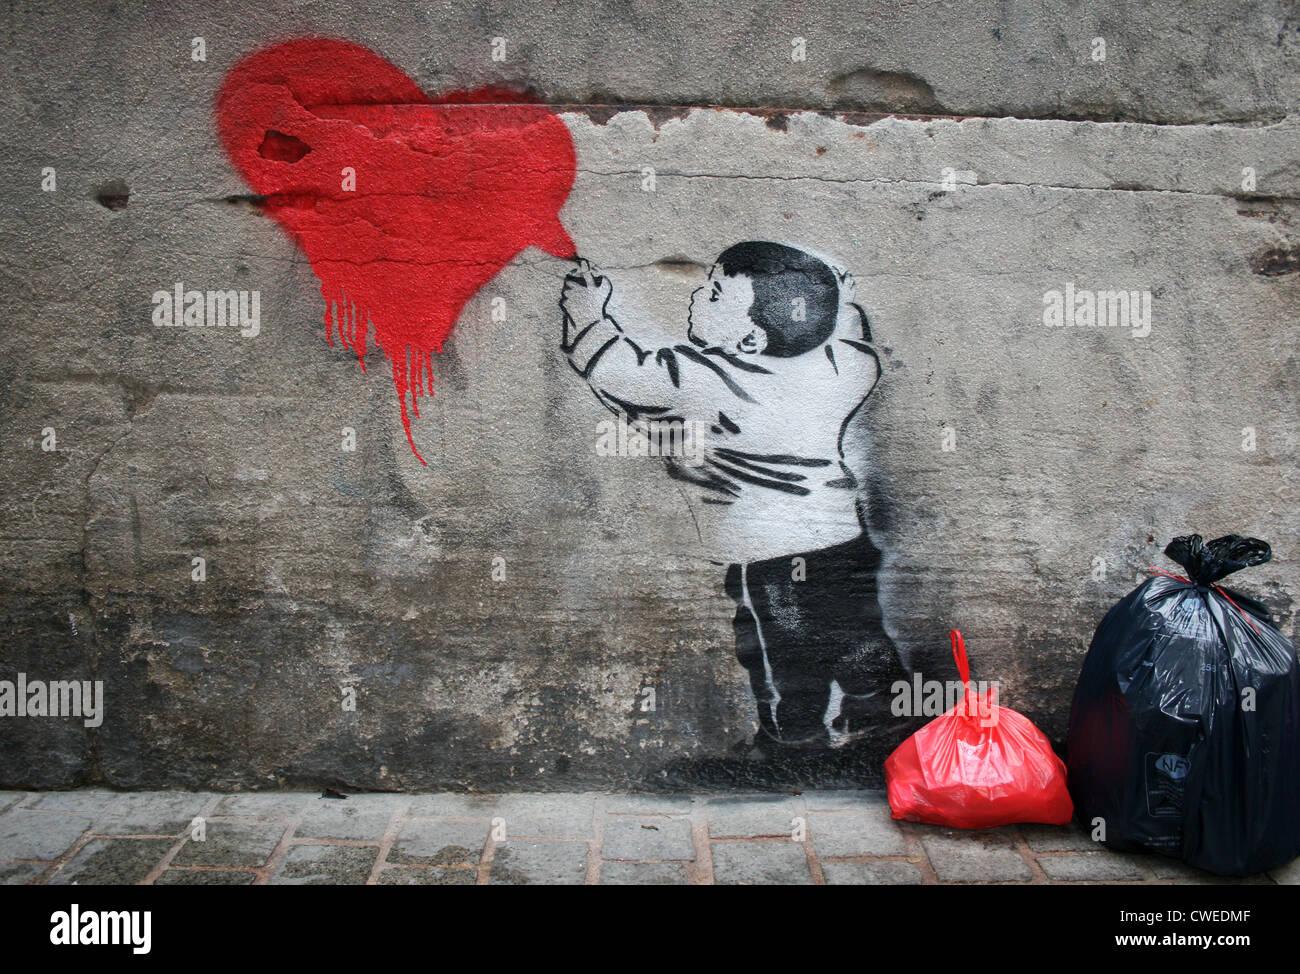 Cuore,la spruzzatura,graffiti,streetart Immagini Stock